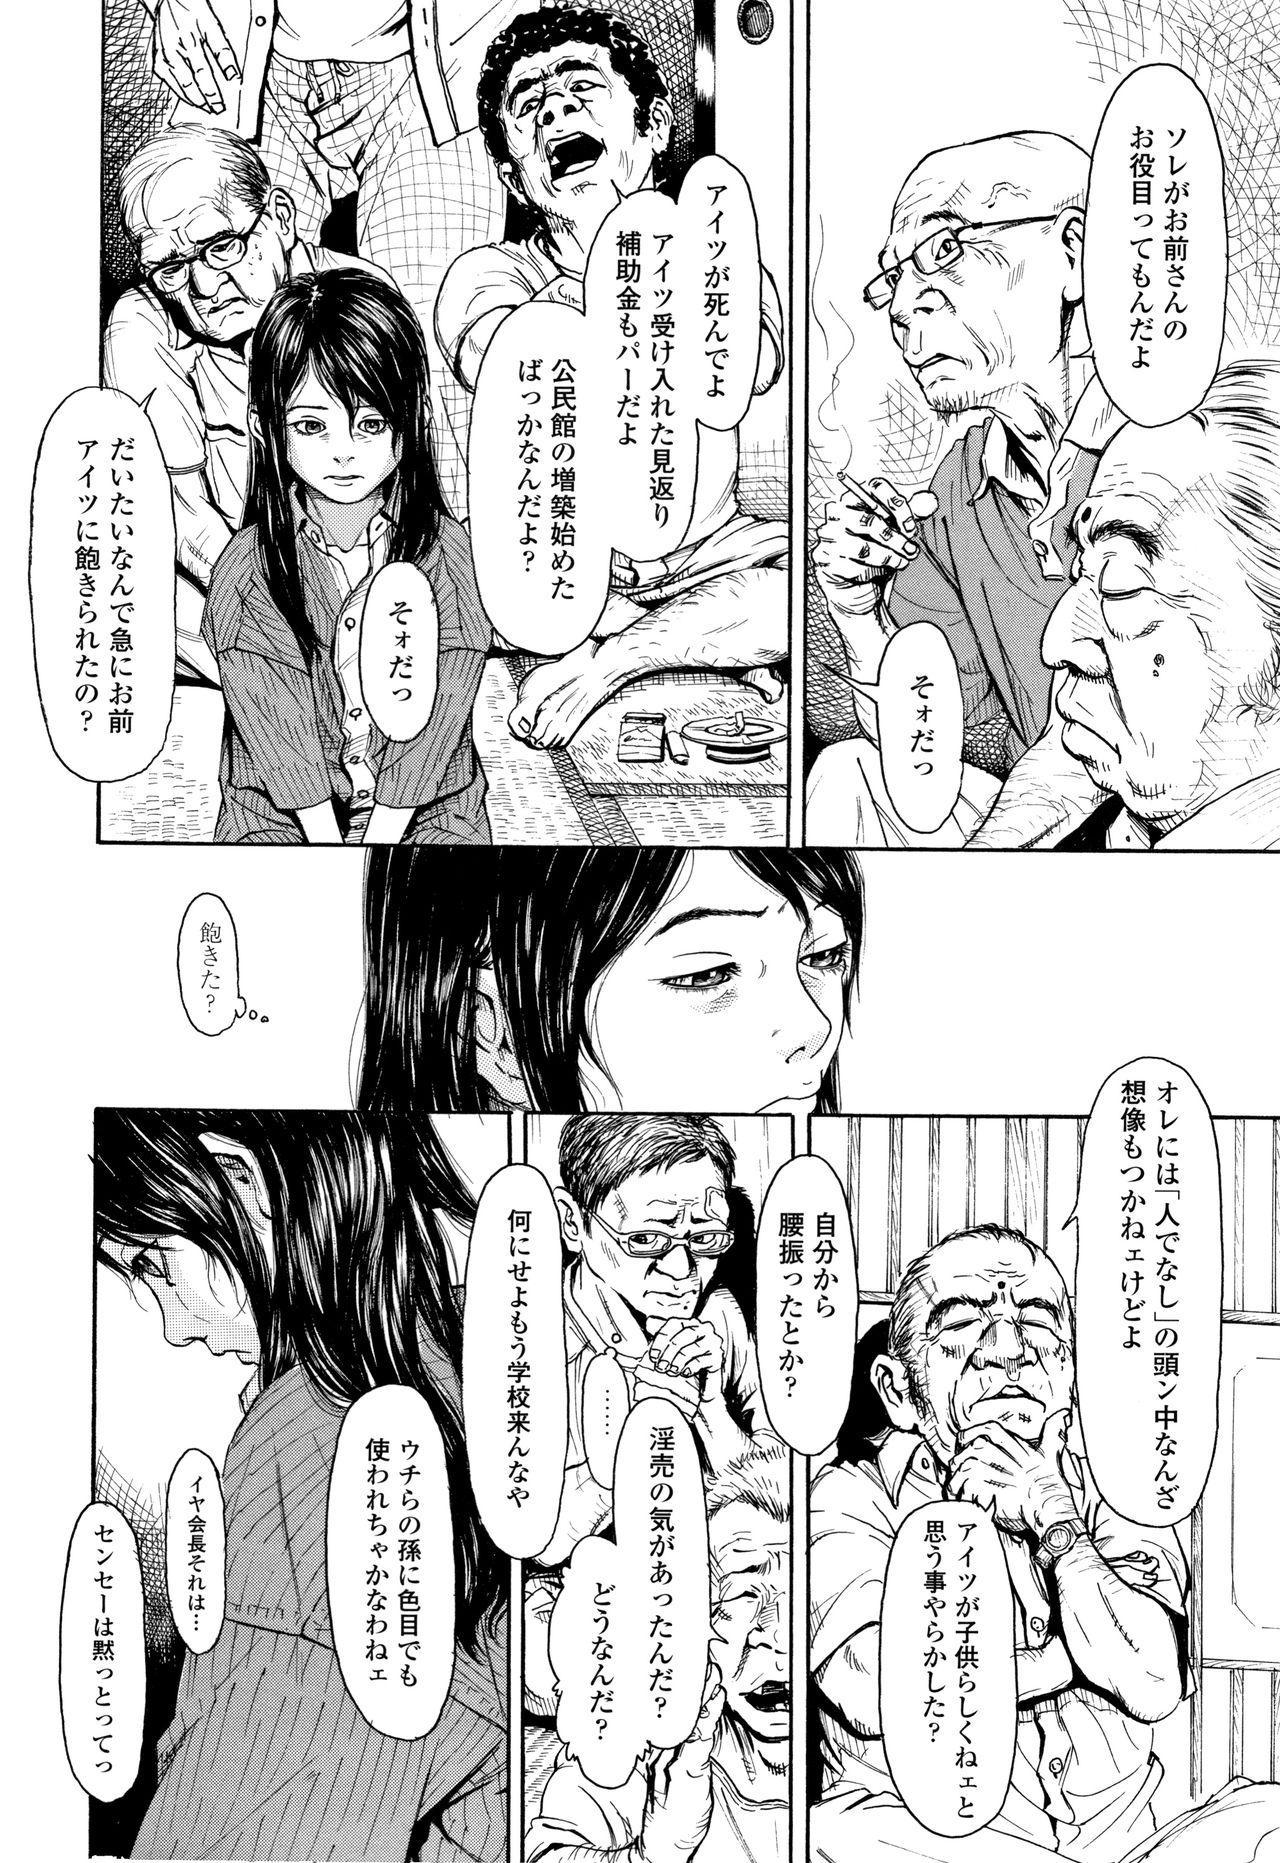 Chiisai Karada ni Shiroi Kage 90